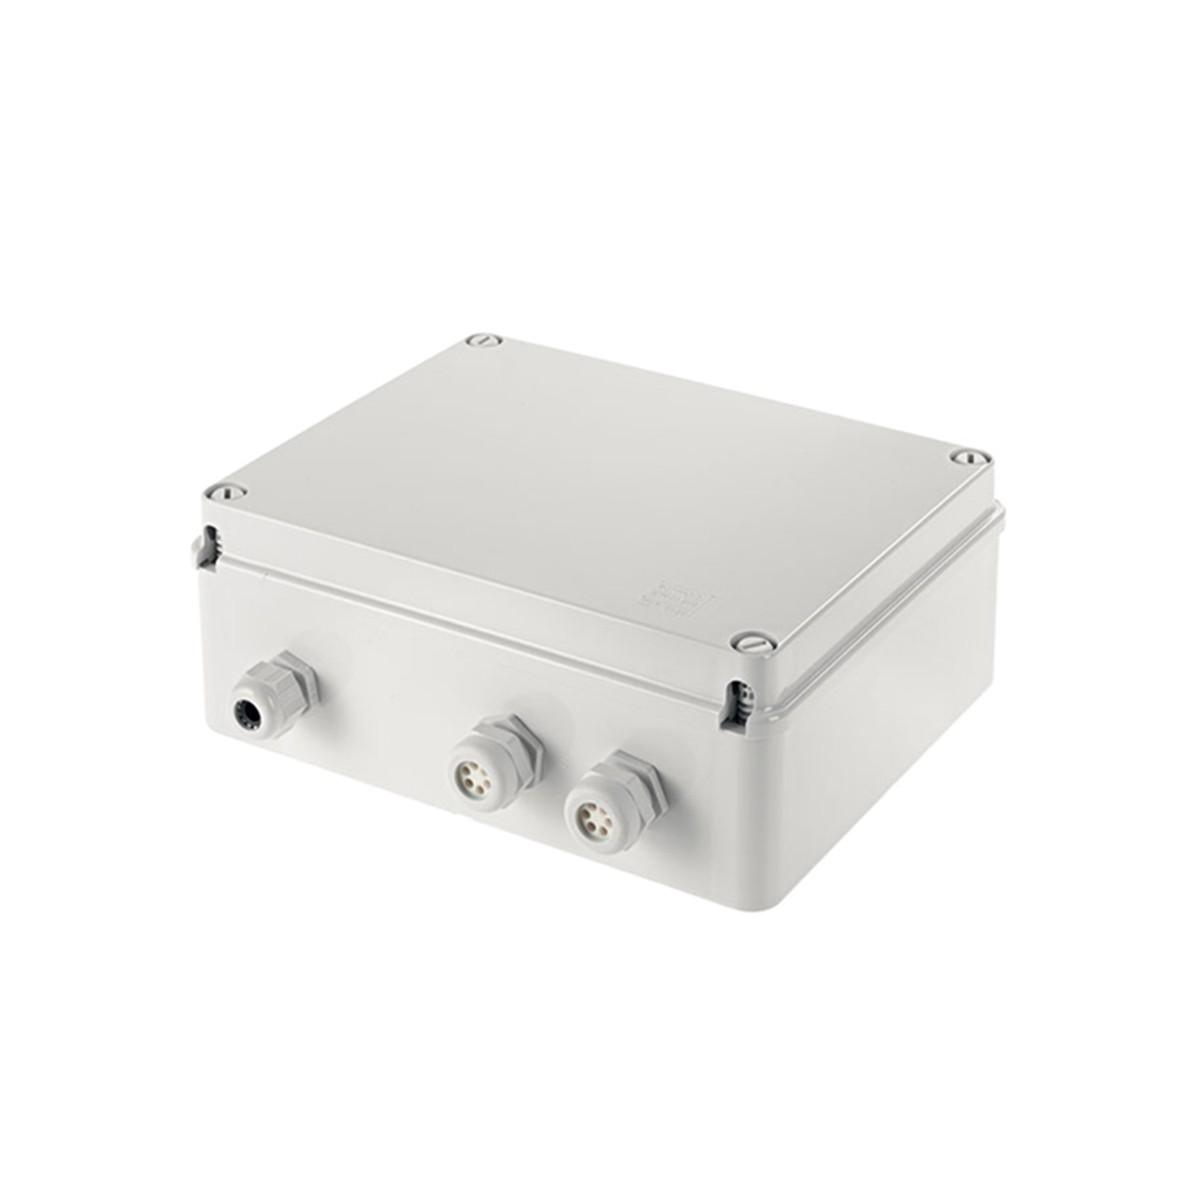 Fabbian Netzgerät für die Giunco LED Außenstehleuchte, 700mA, max. 1 Lampe, nicht dimmbar